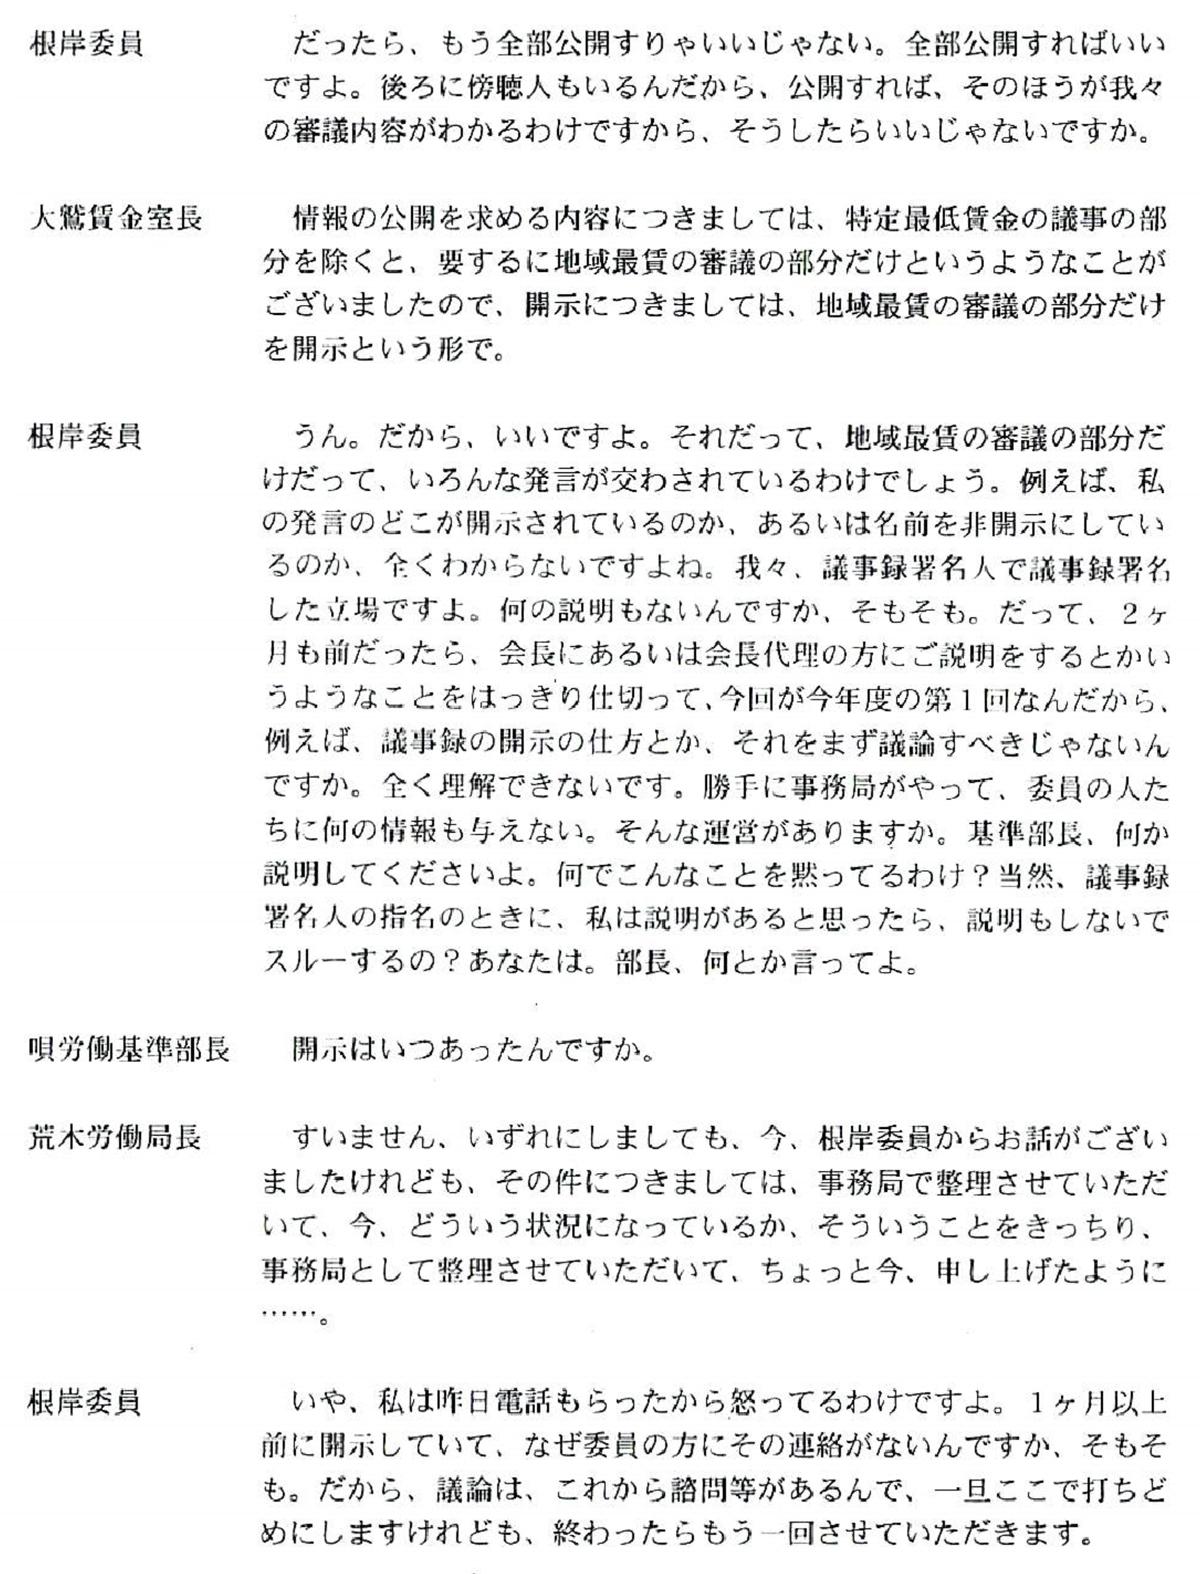 埼玉地方最低賃金審議会の議事録